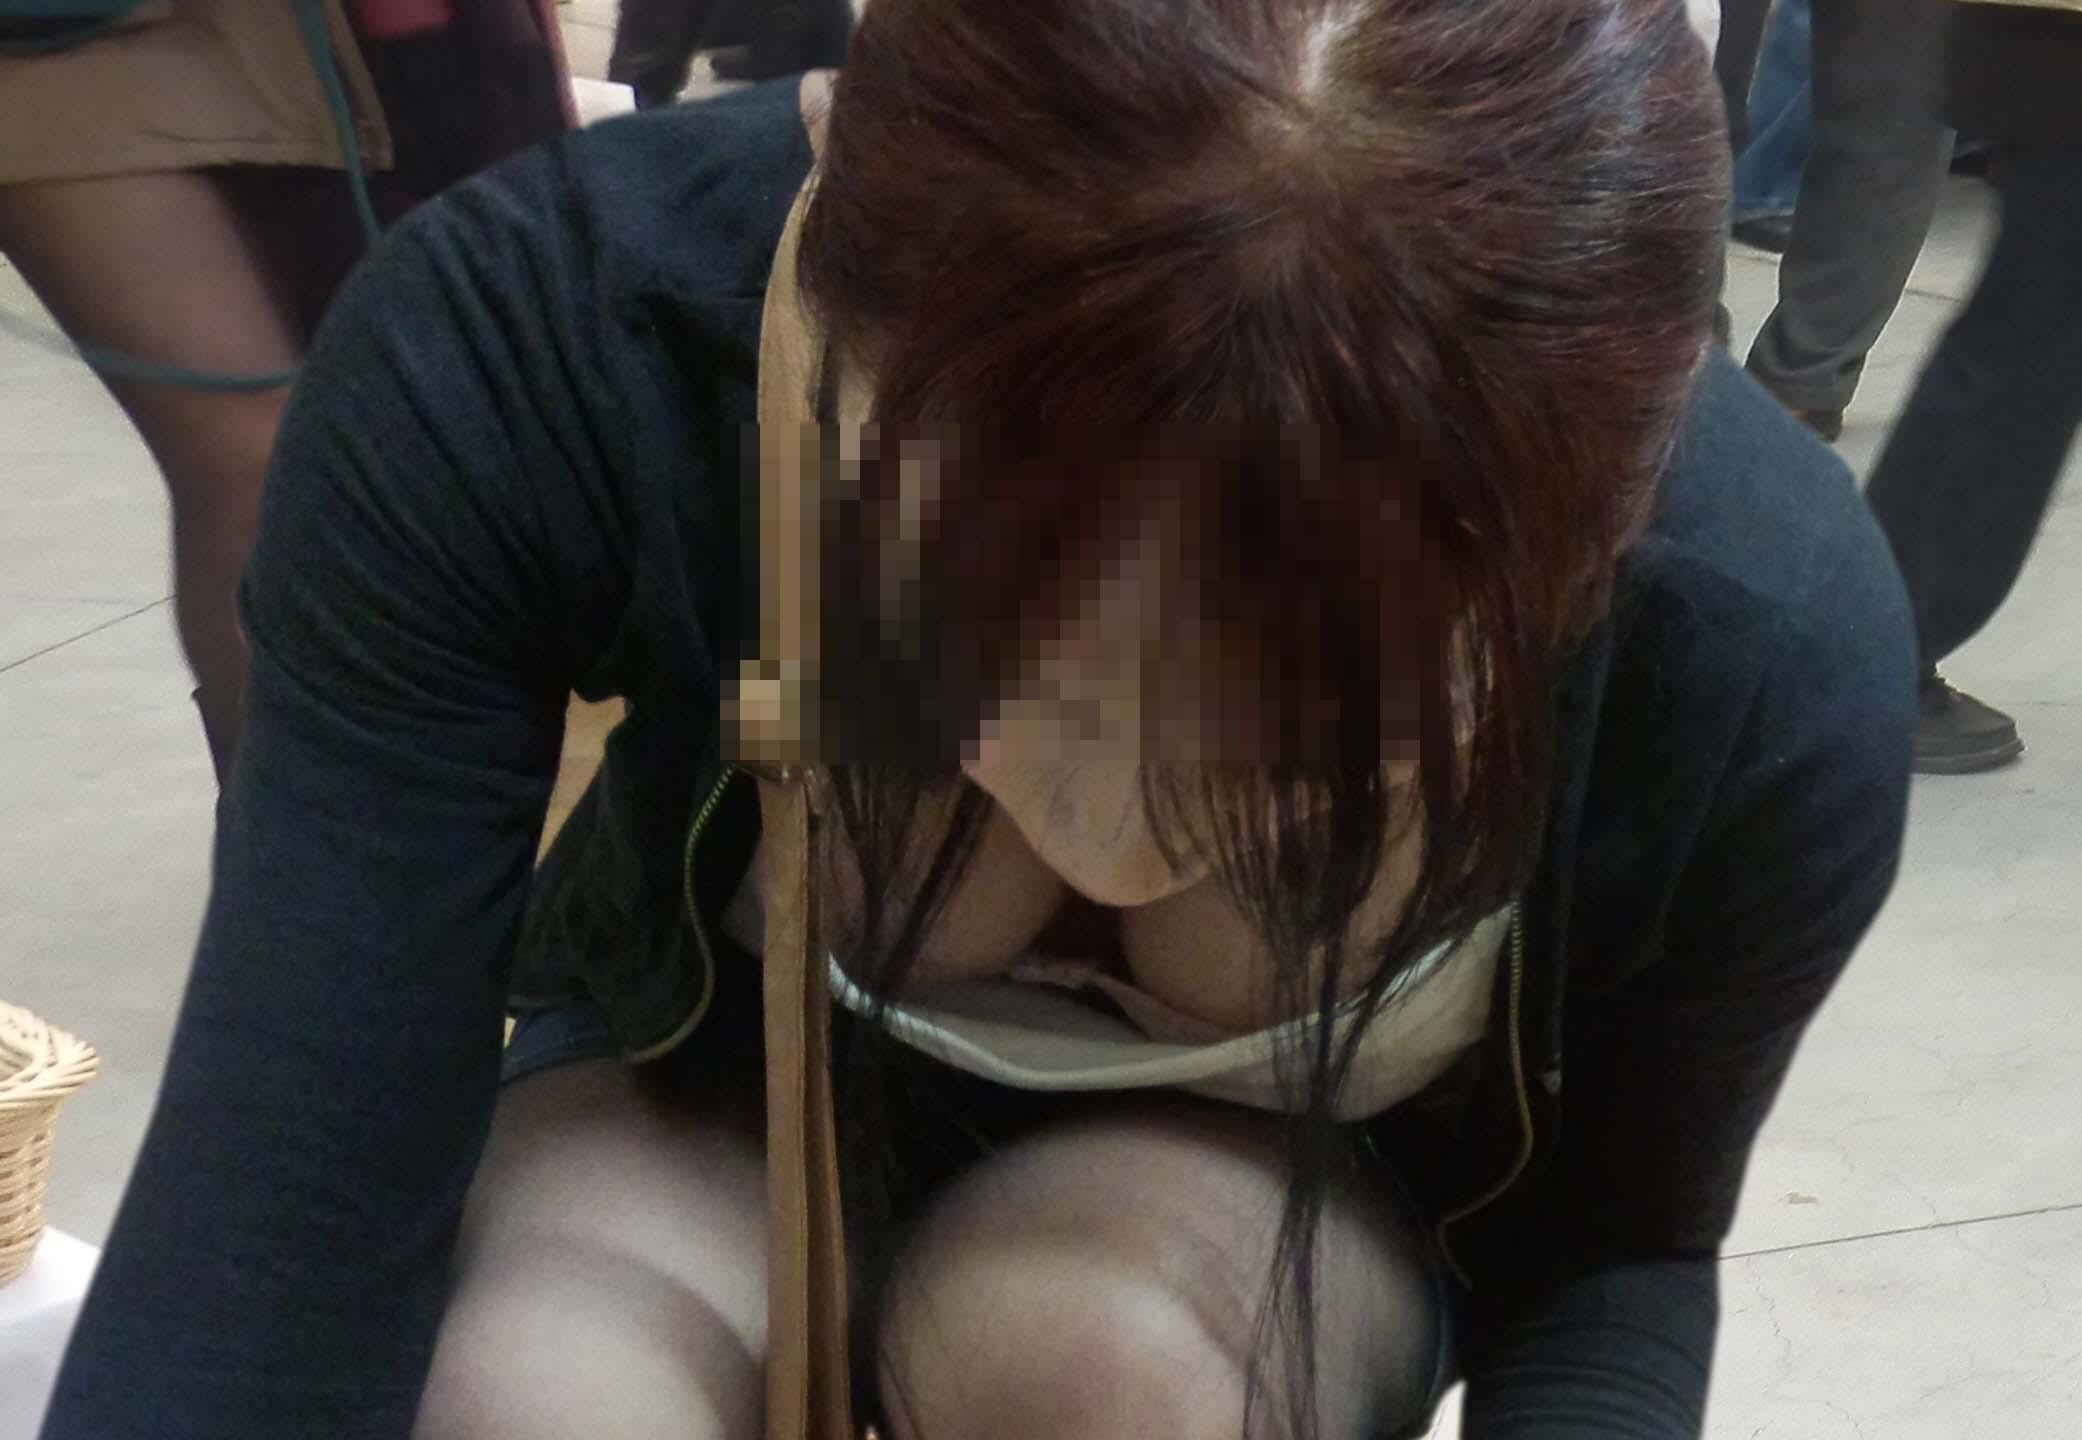 胸の谷間が丸見えになってる素人の女の子 (4)